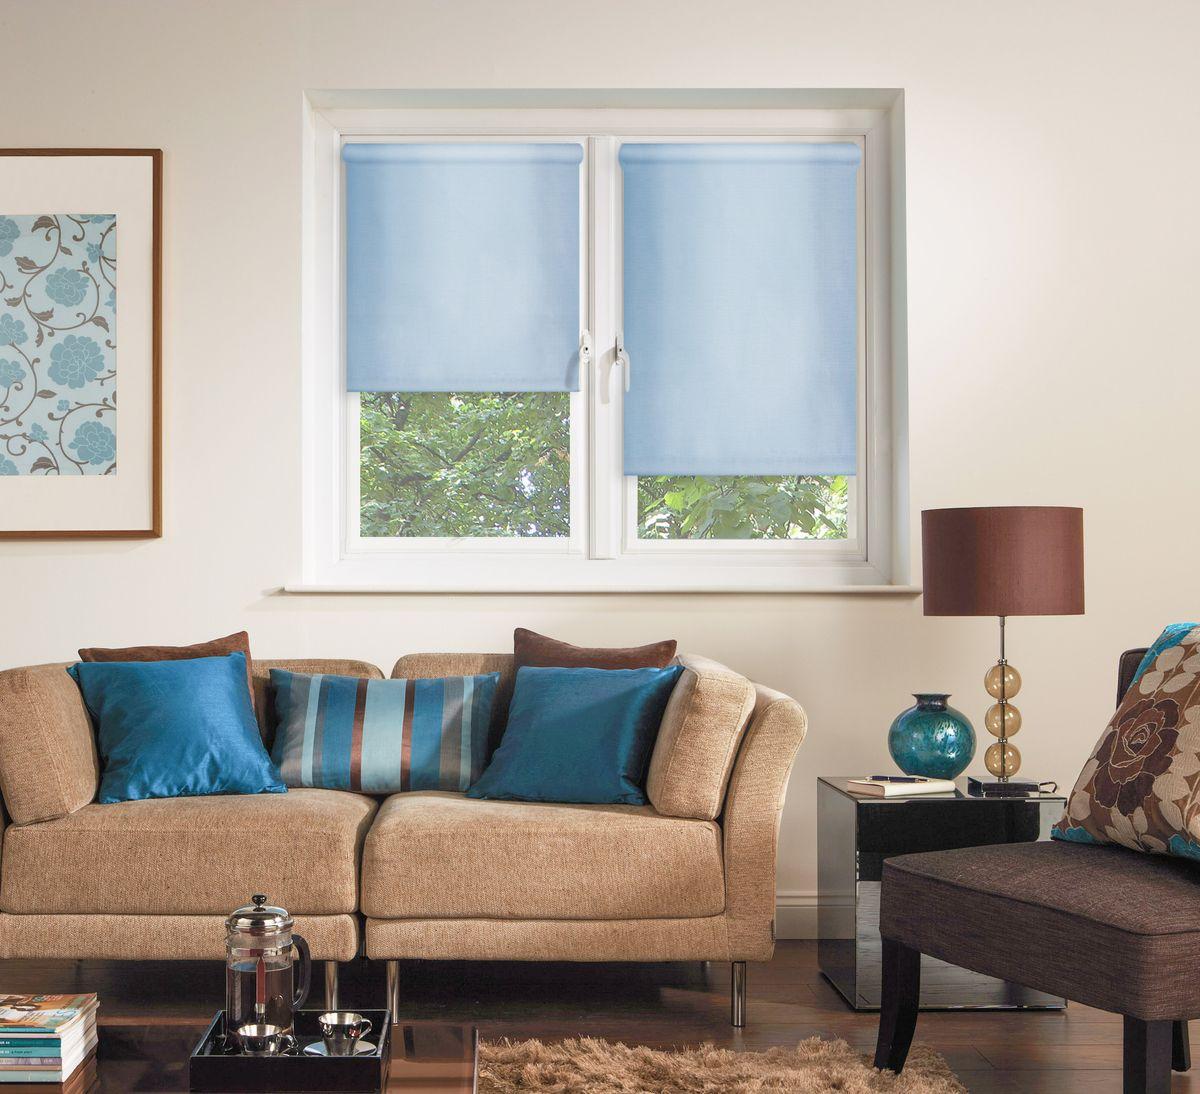 Штора рулонная Эскар Миниролло, цвет: голубой, ширина 83 см, высота 170 см31005083170Рулонная штора Эскар Миниролло выполнена из высокопрочной ткани, которая сохраняет свой размер даже при намокании. Ткань не выцветает и обладает отличной цветоустойчивостью. Миниролло - это подвид рулонных штор, который закрывает не весь оконный проем, а непосредственно само стекло. Такие шторы крепятся на раму без сверления при помощи зажимов или клейкой двухсторонней ленты (в комплекте). Окно остается на гарантии, благодаря монтажу без сверления. Такая штора станет прекрасным элементом декора окна и гармонично впишется в интерьер любого помещения.